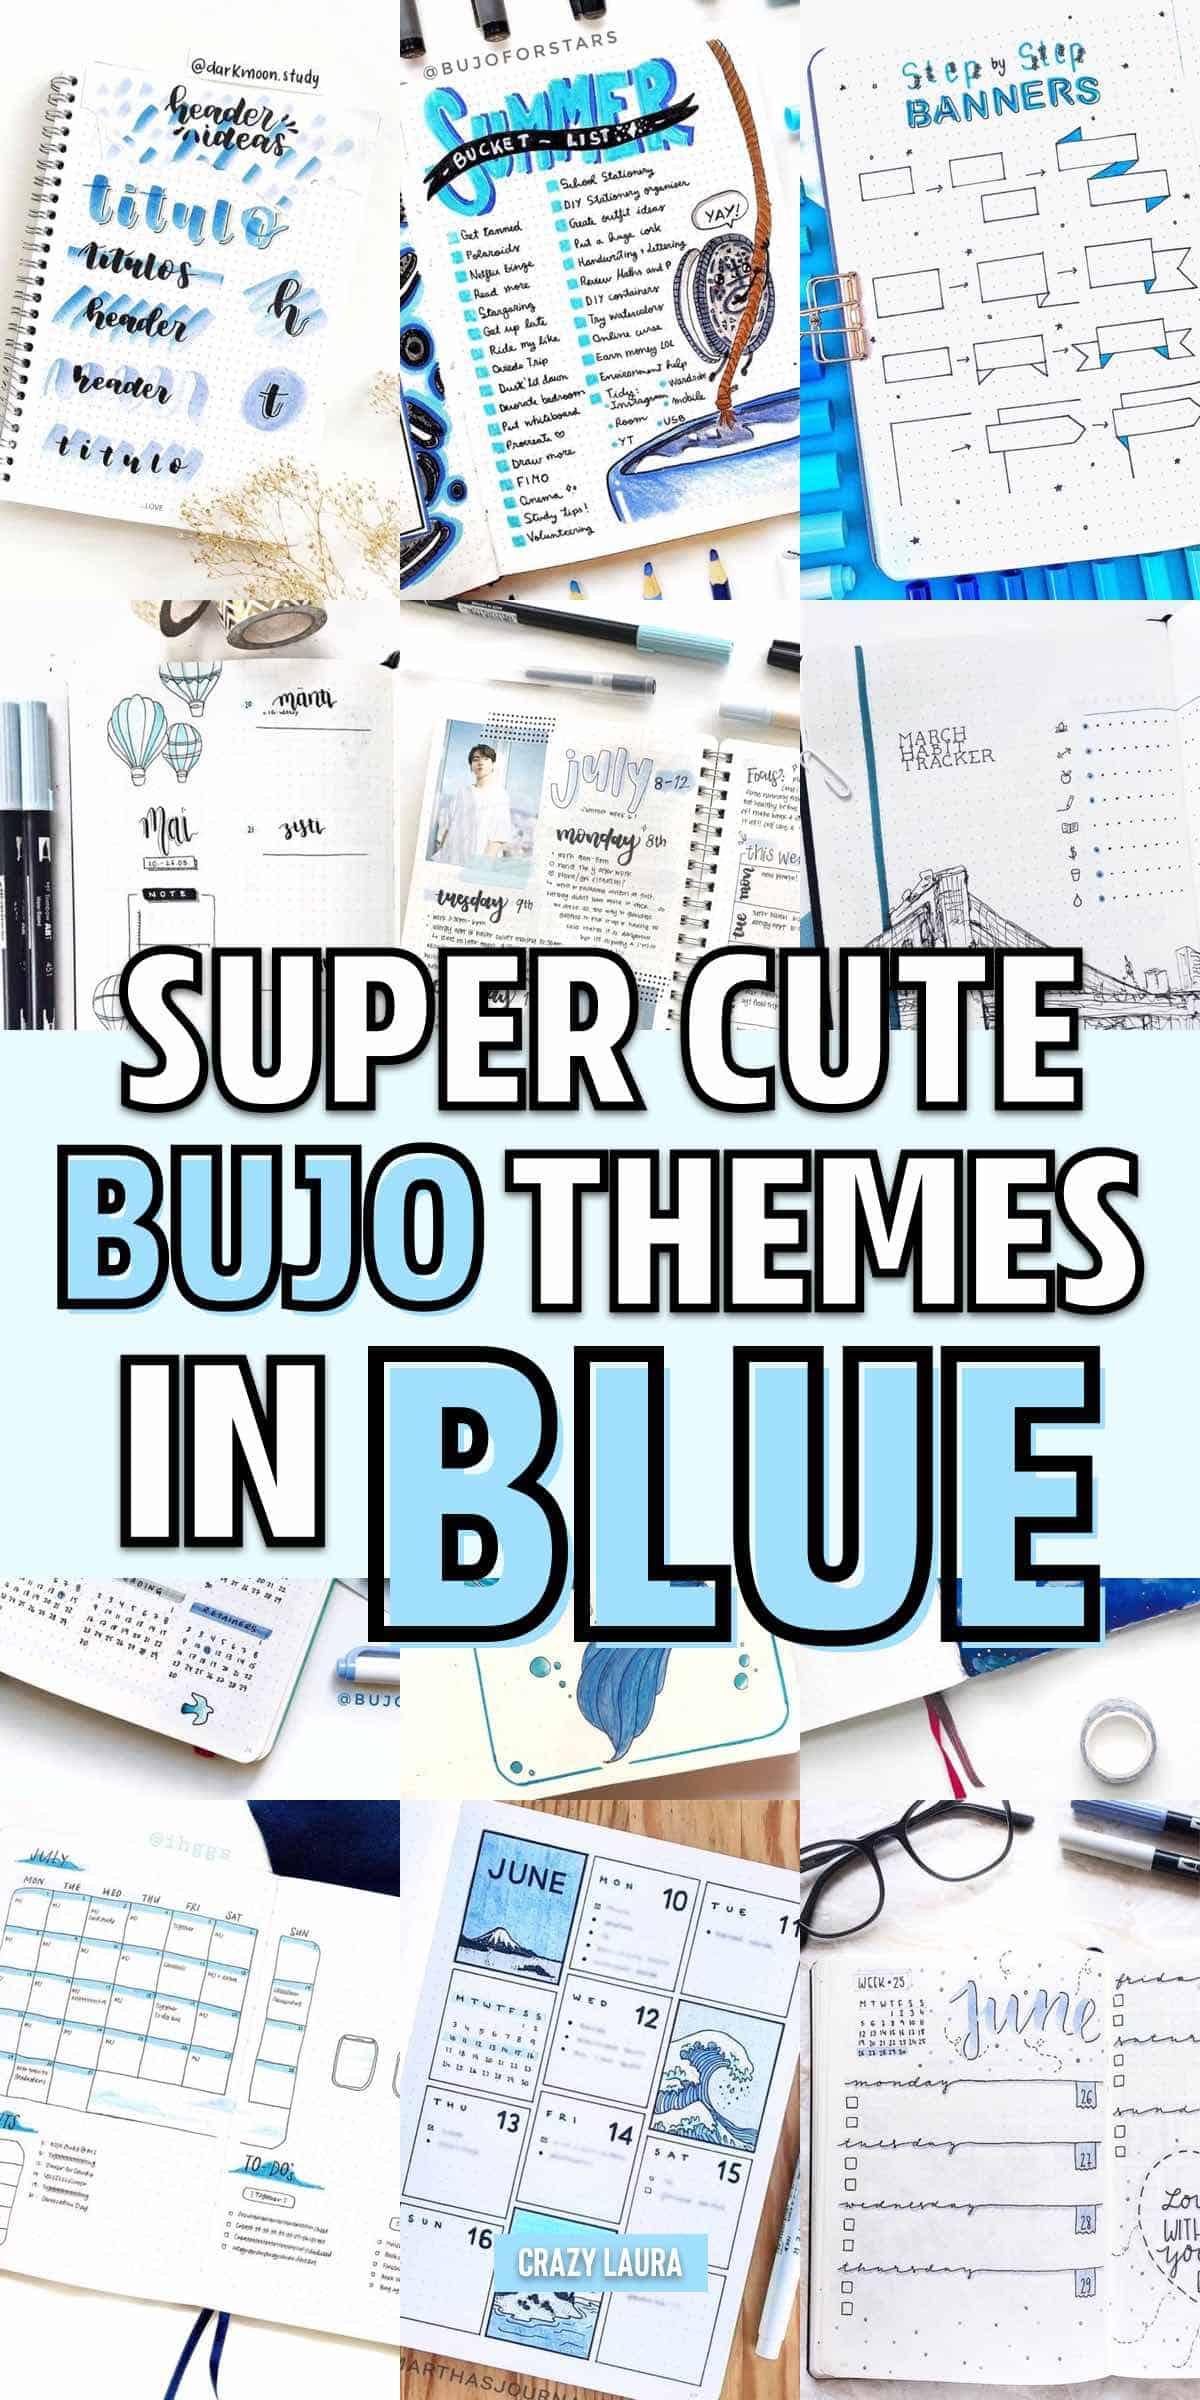 bujo spread ideas with blue color